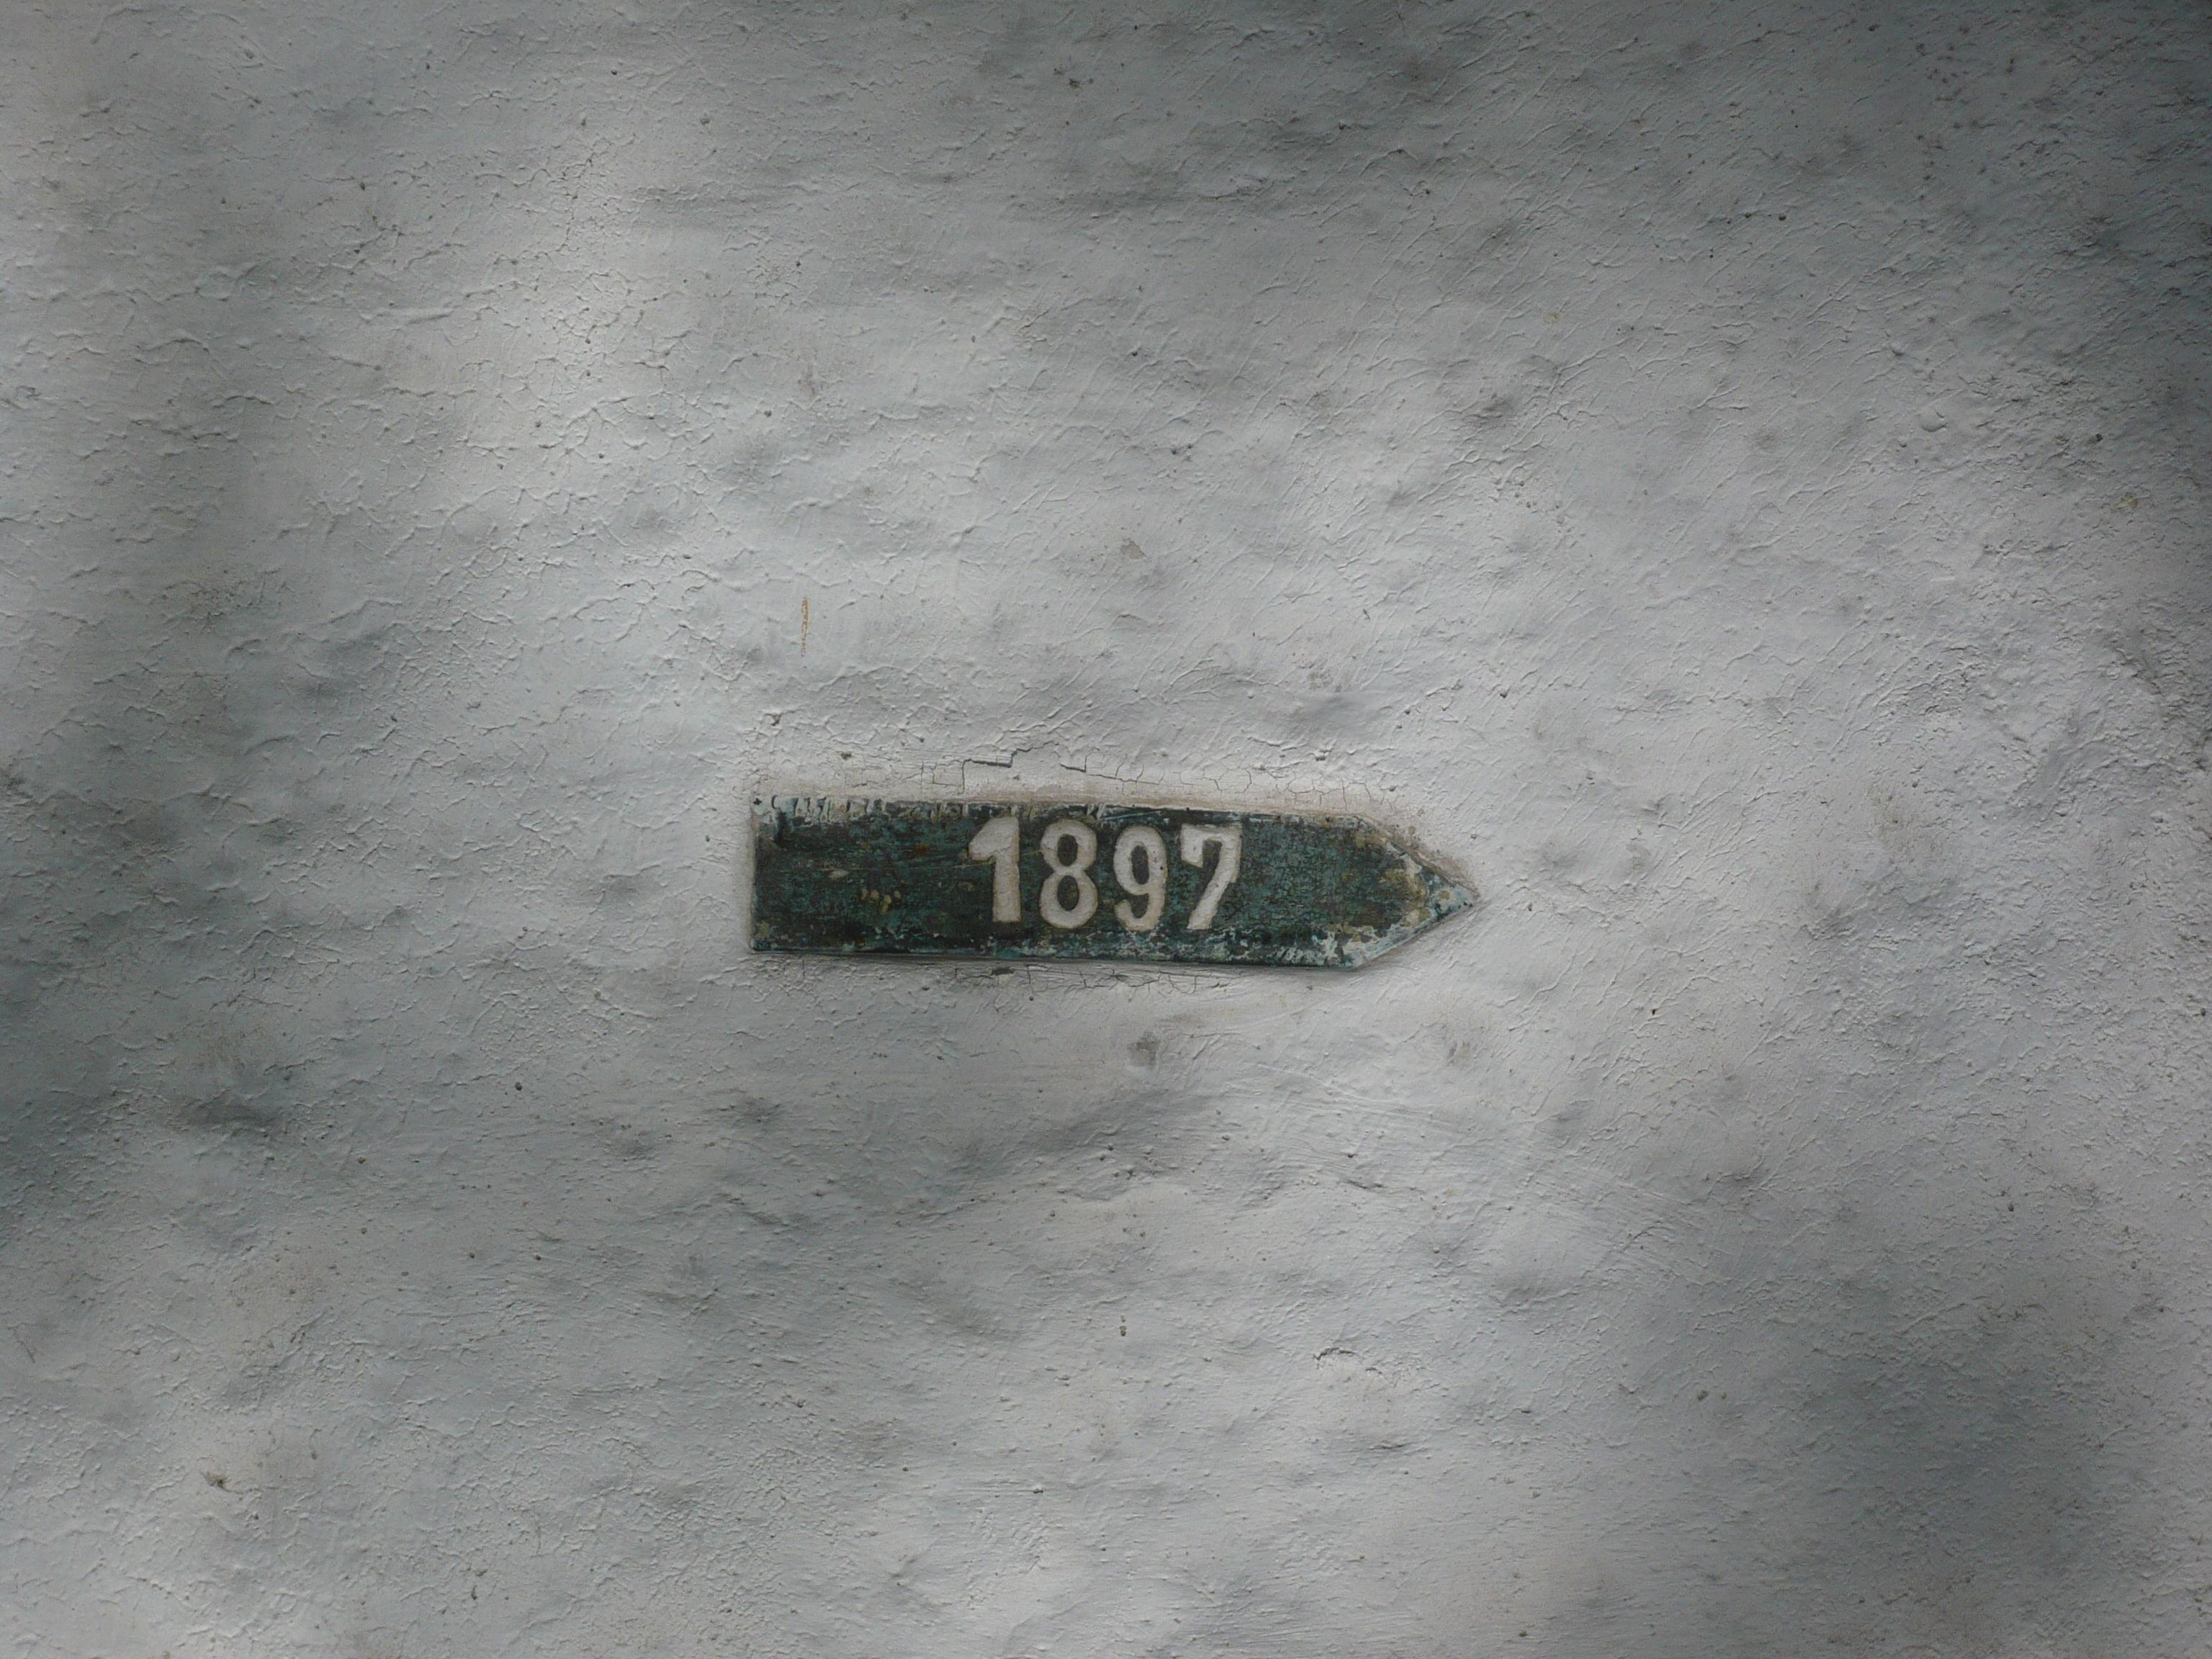 090516_garten_hochwassermarke1